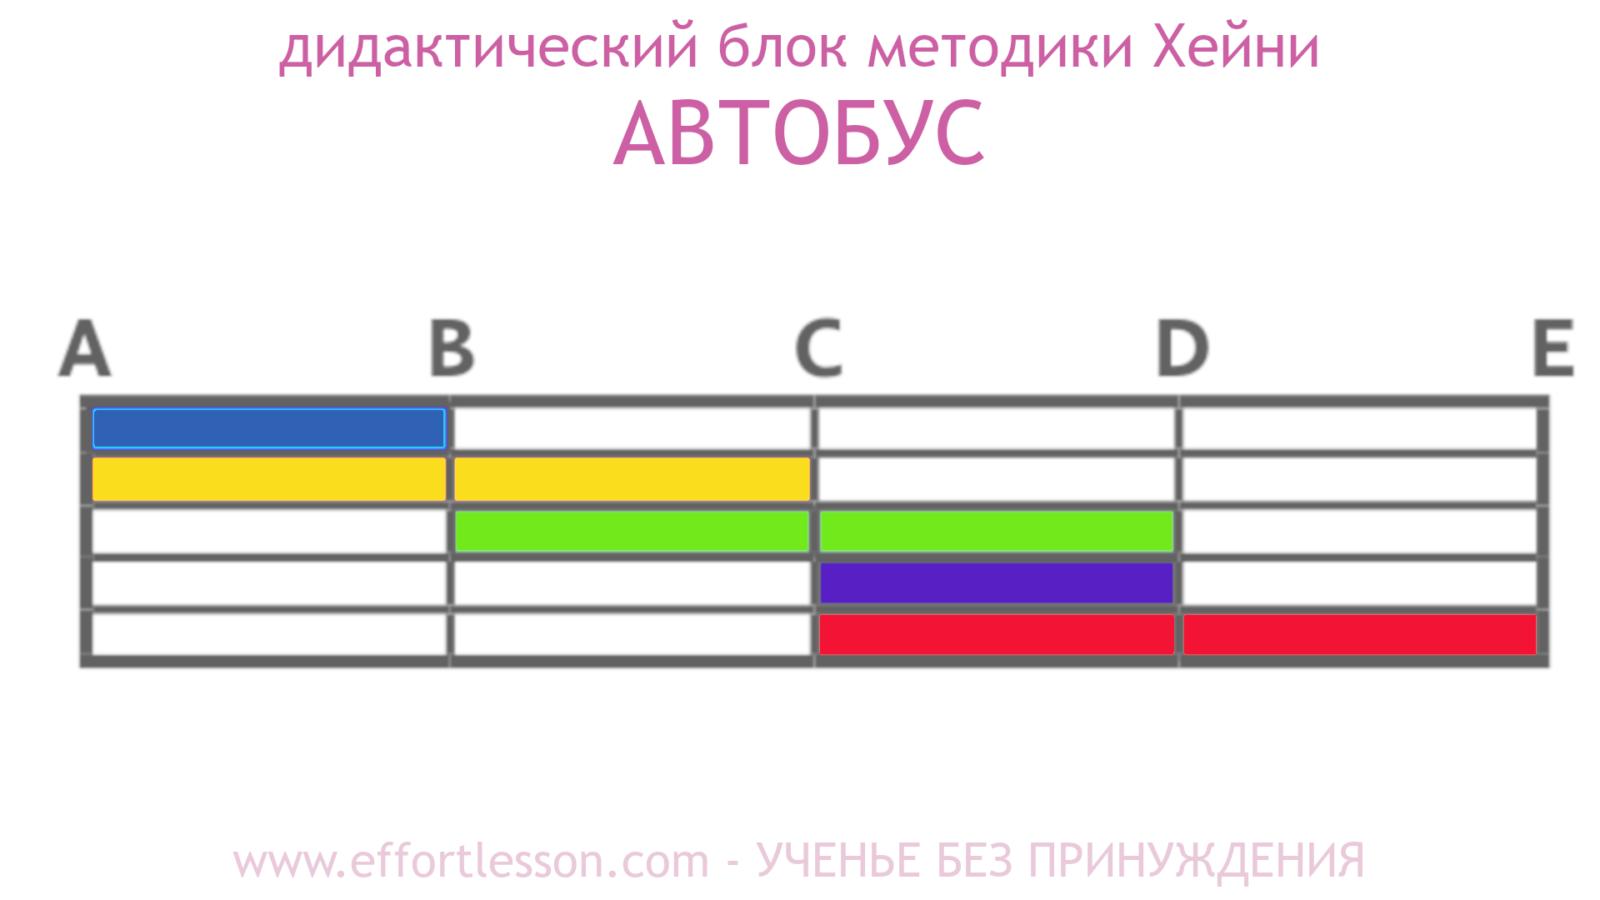 Таблица Автобус метод Хейни 5